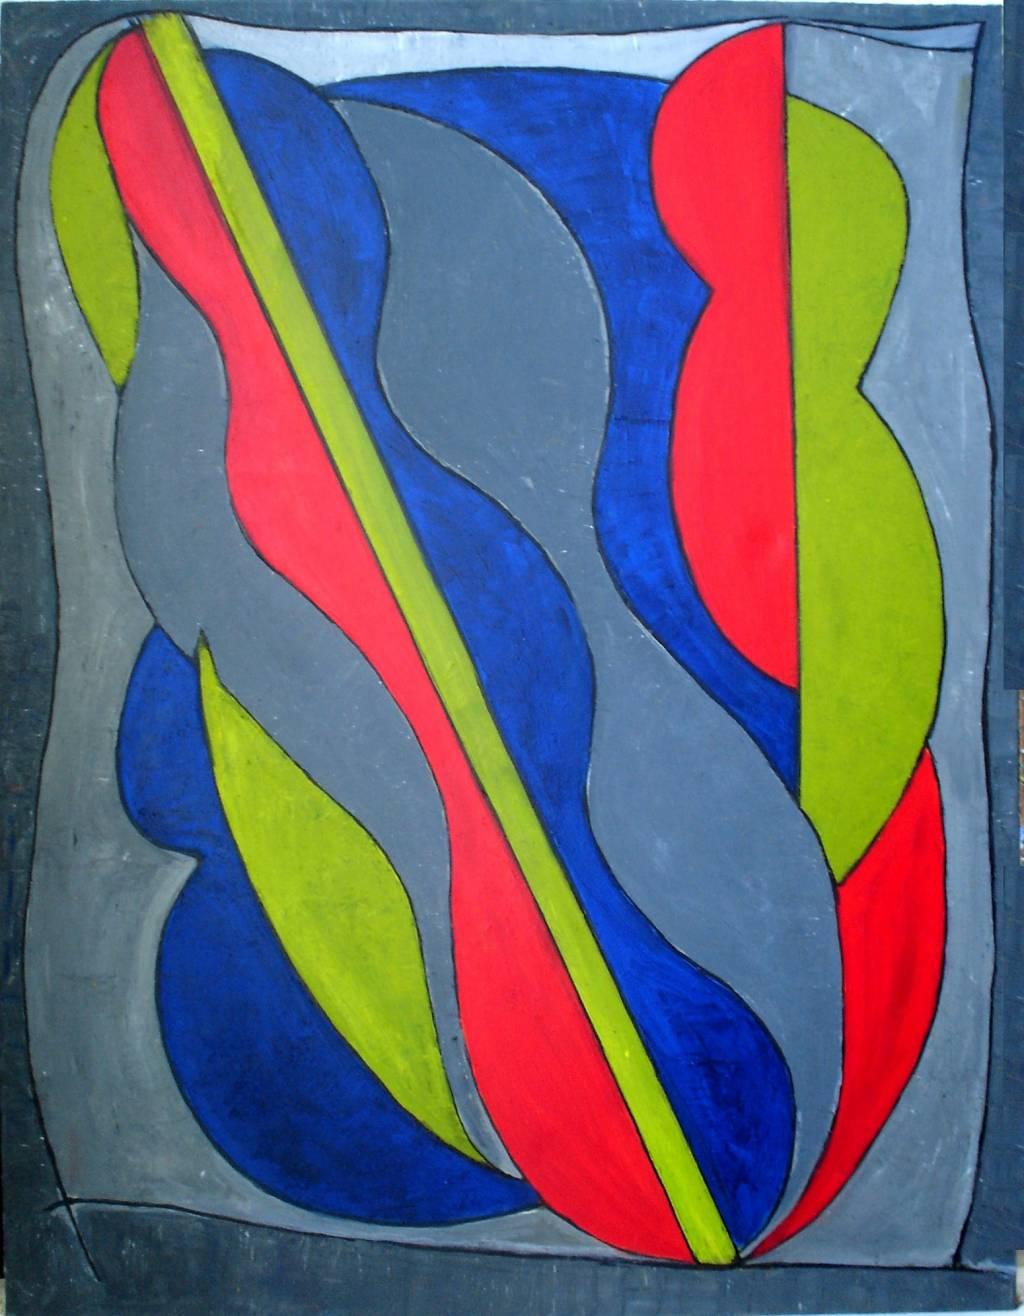 Abstracto minimalista alejandro conde l pez for Fotos de cuadros abstractos minimalistas